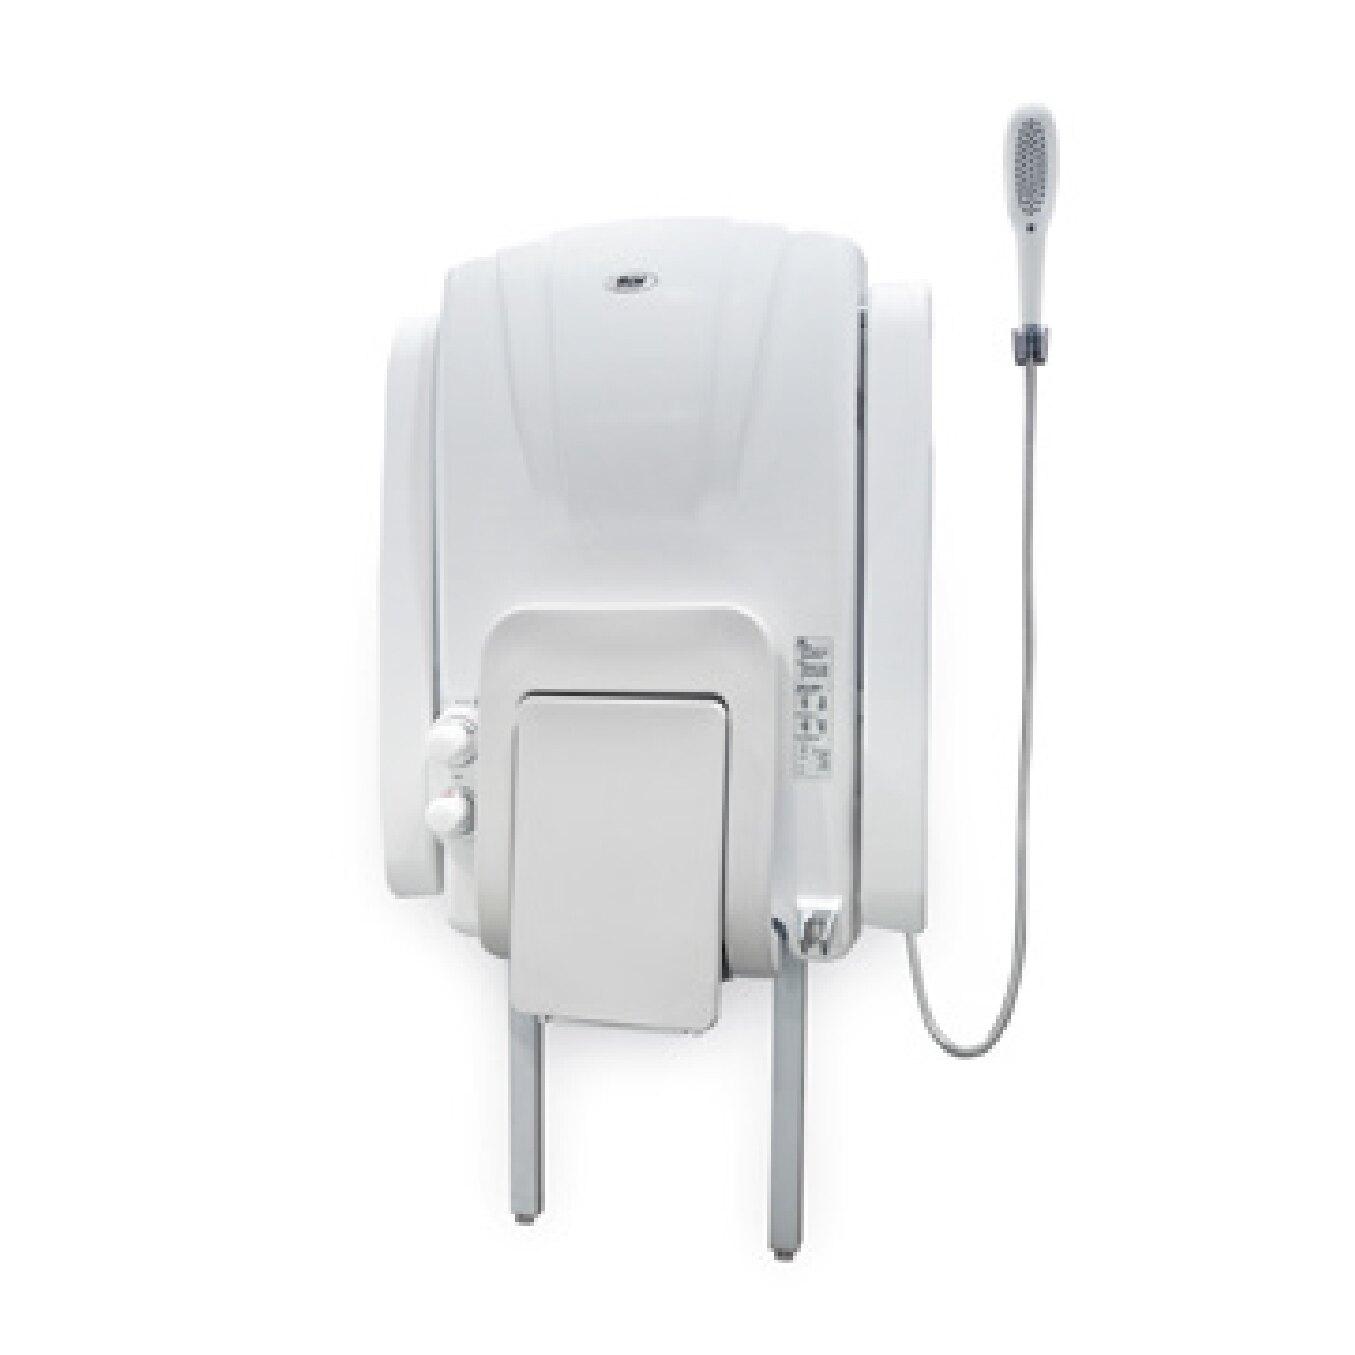 台灣品牌 西瓜籽 到府安裝 【itai一太】 長照輔具-養護浴座 ET-CB1101長照洗浴 方便安全 老人照護 居家安全防護措施